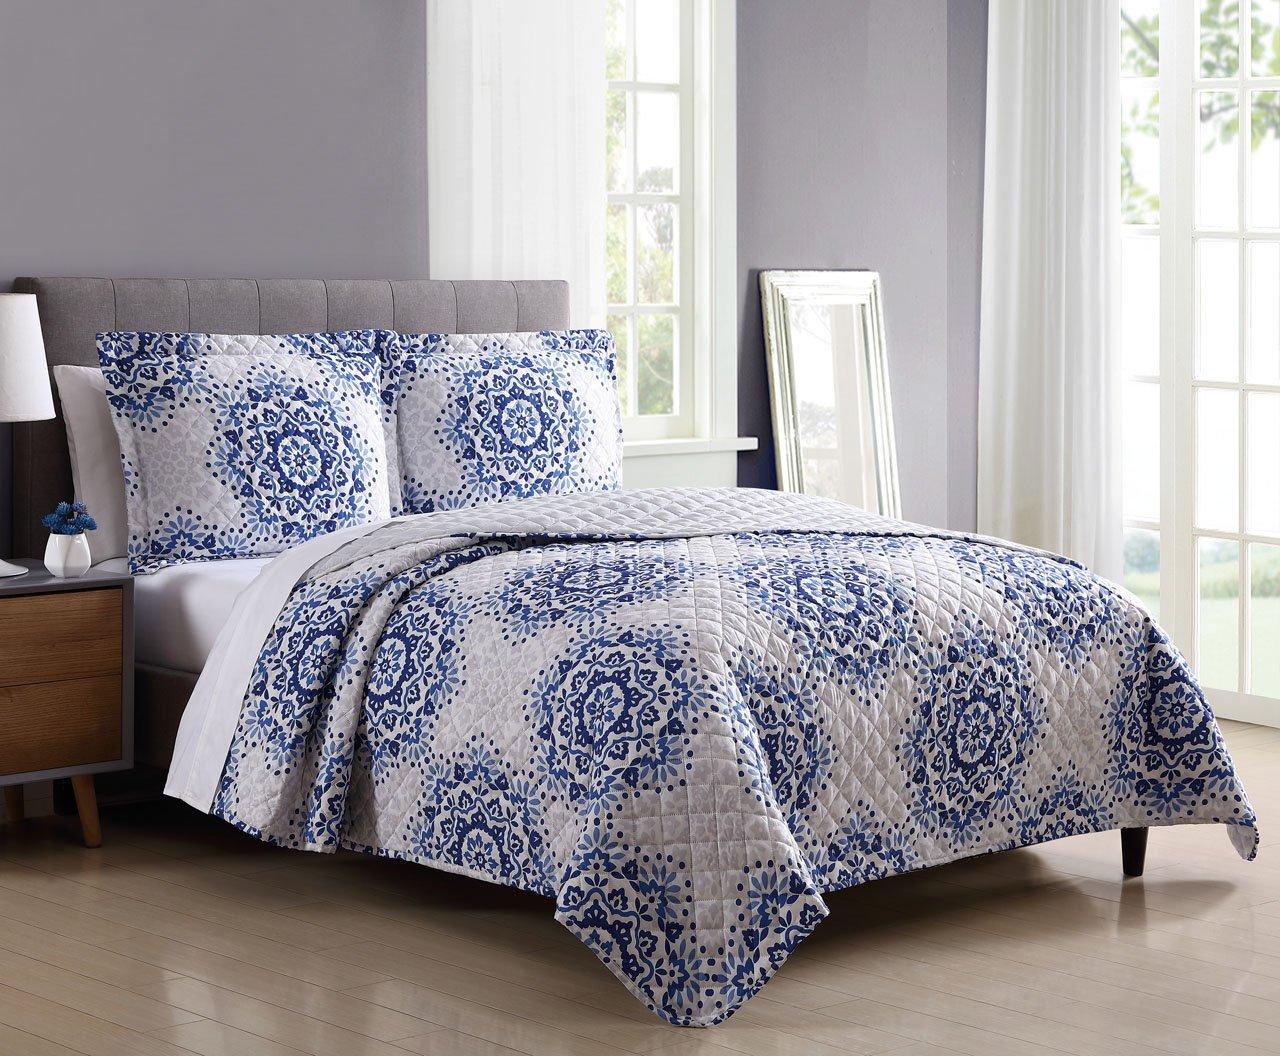 Amazon.com: S.L. Home Fashions 3 Piece Jenelle Blue/Taupe ...